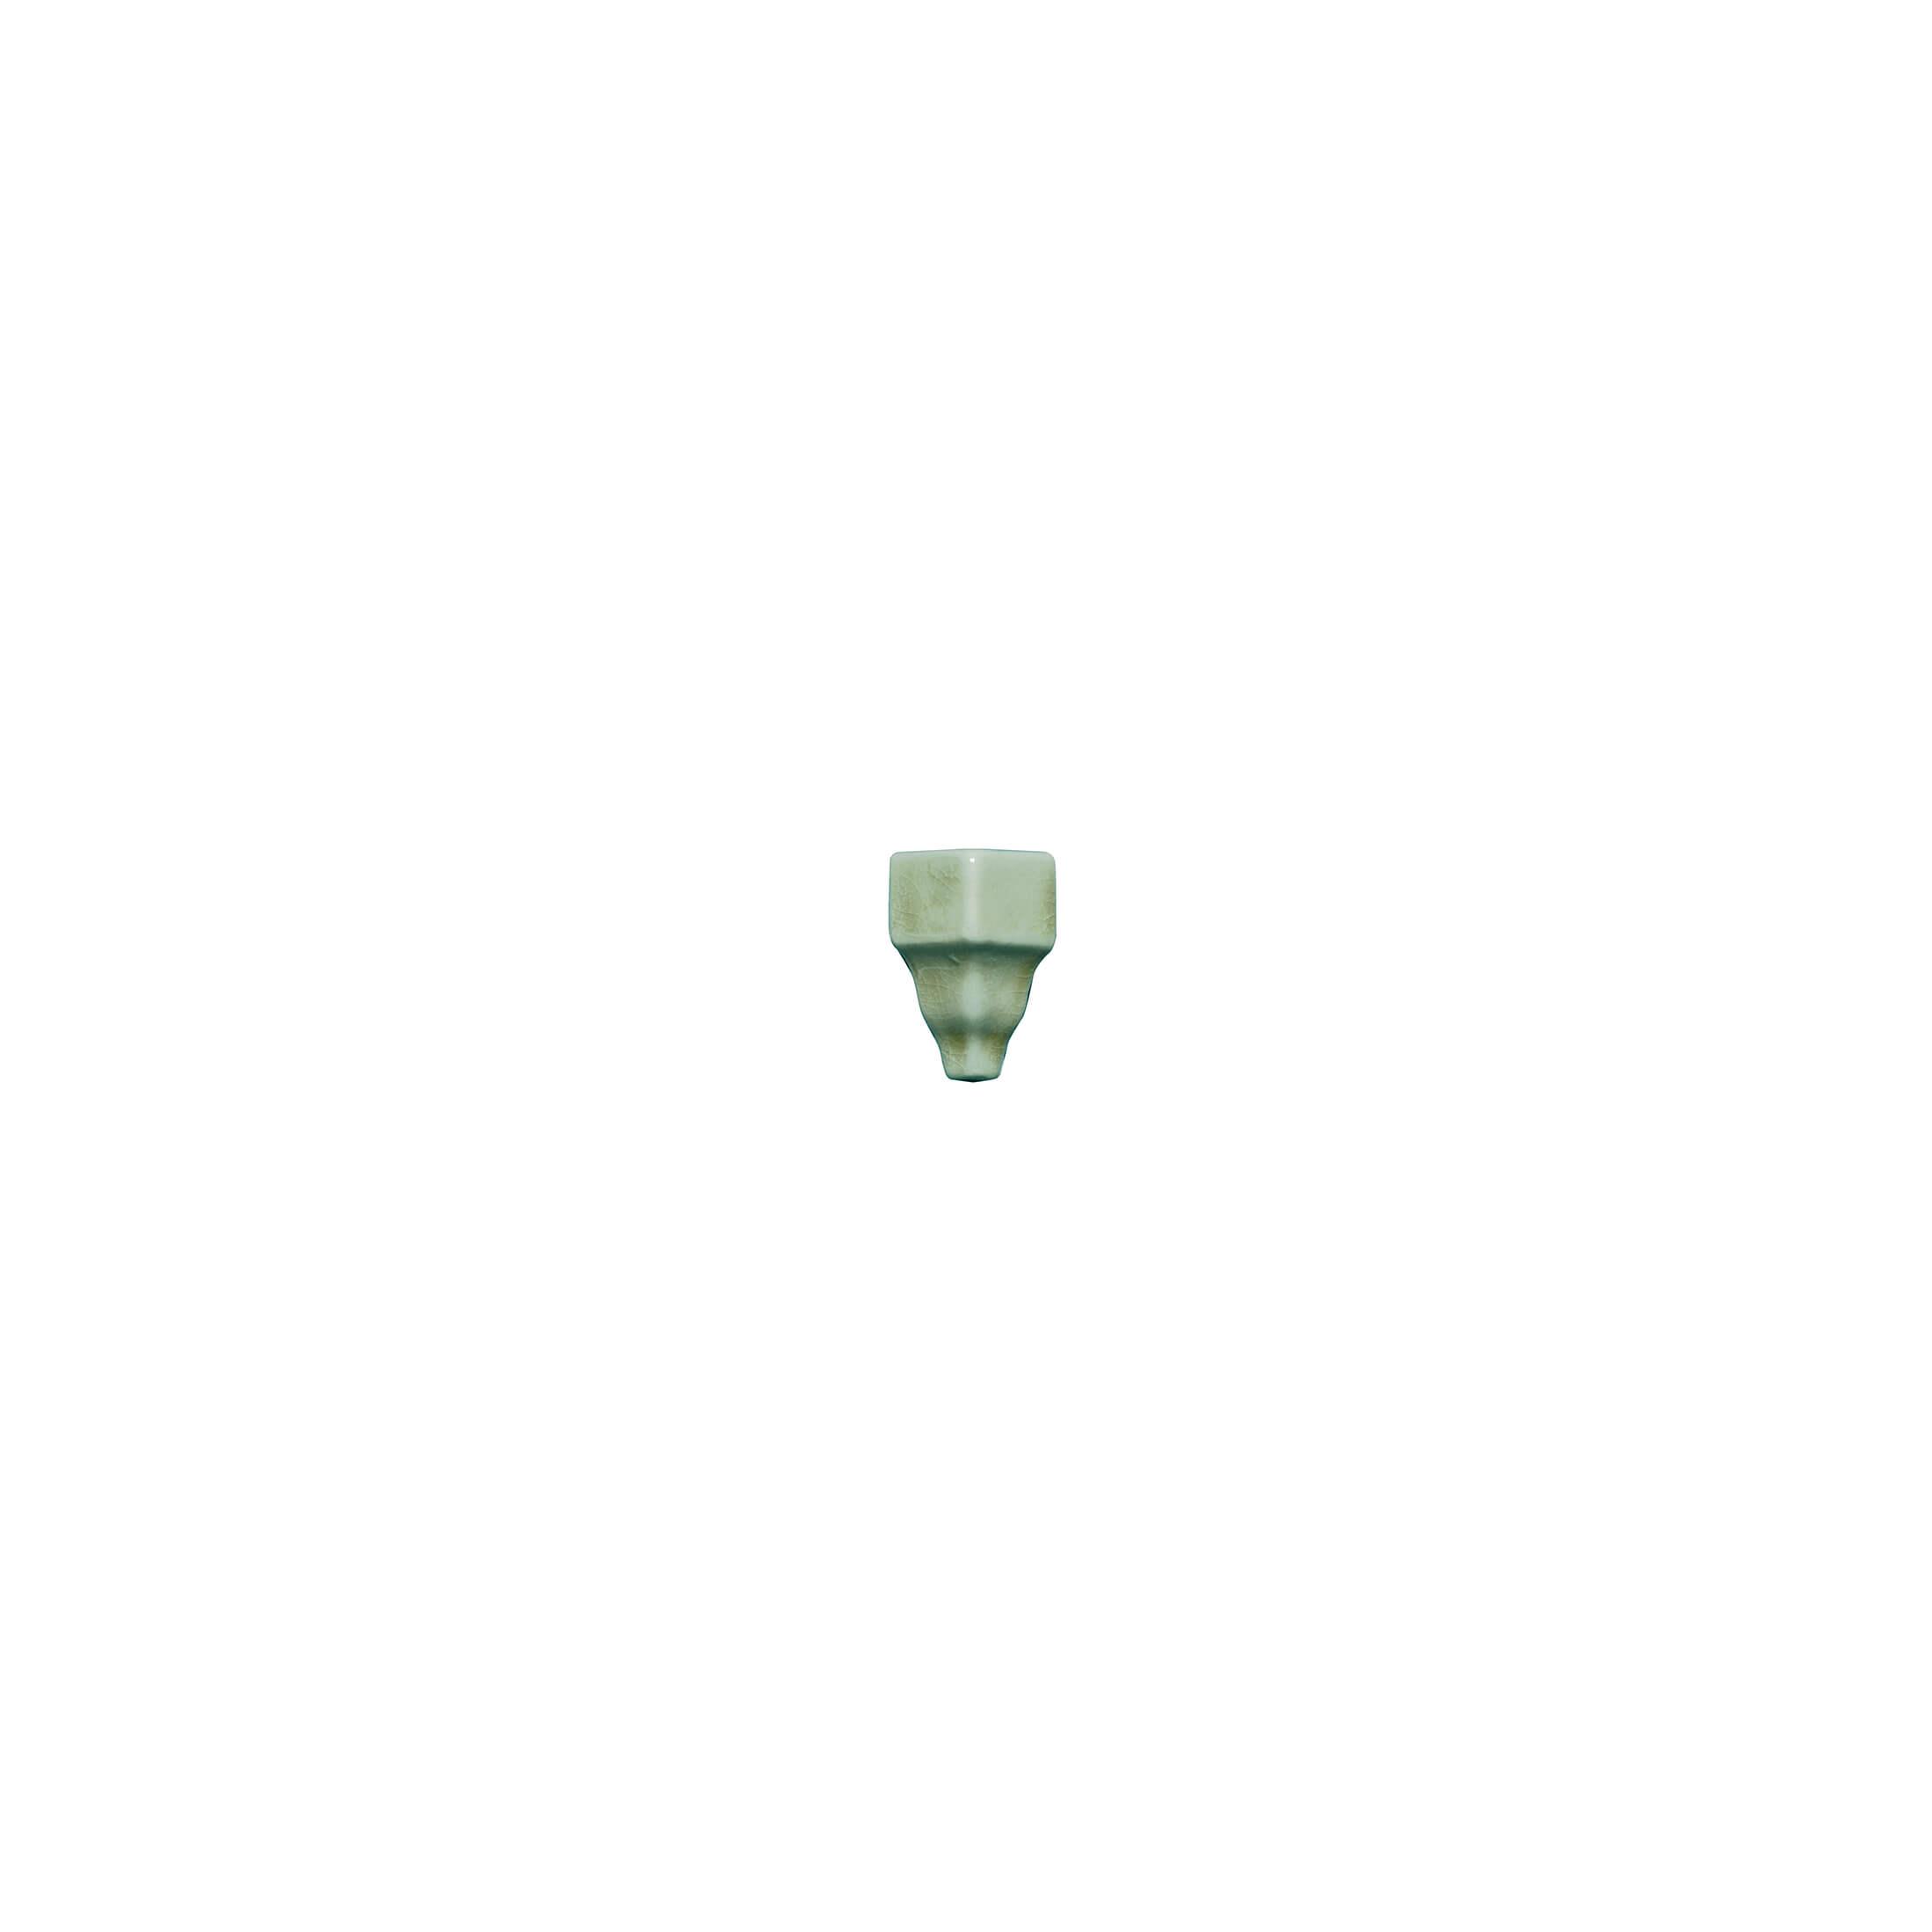 ADMO5351 - ANGULO EXTERIOR CORNISA CLASICA C/C - 3.5 cm X 15 cm